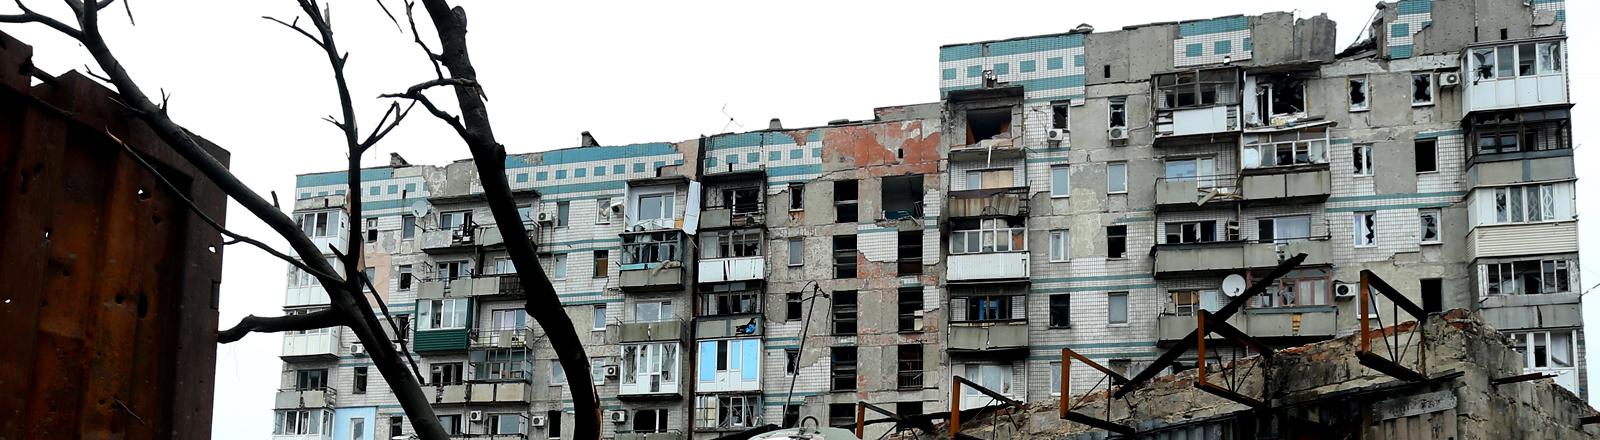 Ein Panzer steht vor einem stark beschädigten Wohnblock in der Nähe des Flughafens Donezk.